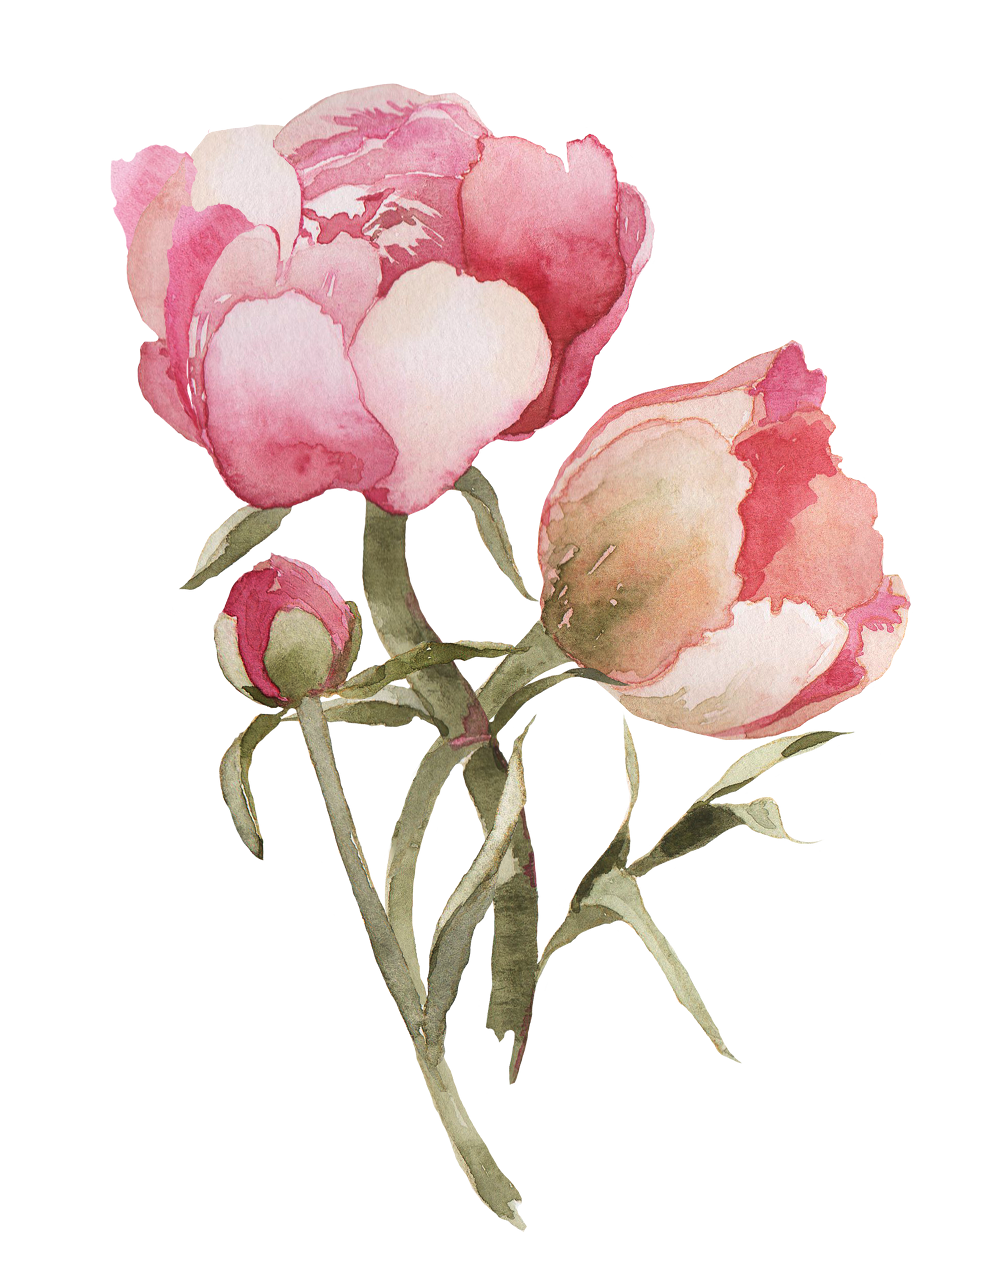 Resultado de imagem para flower tumblr png